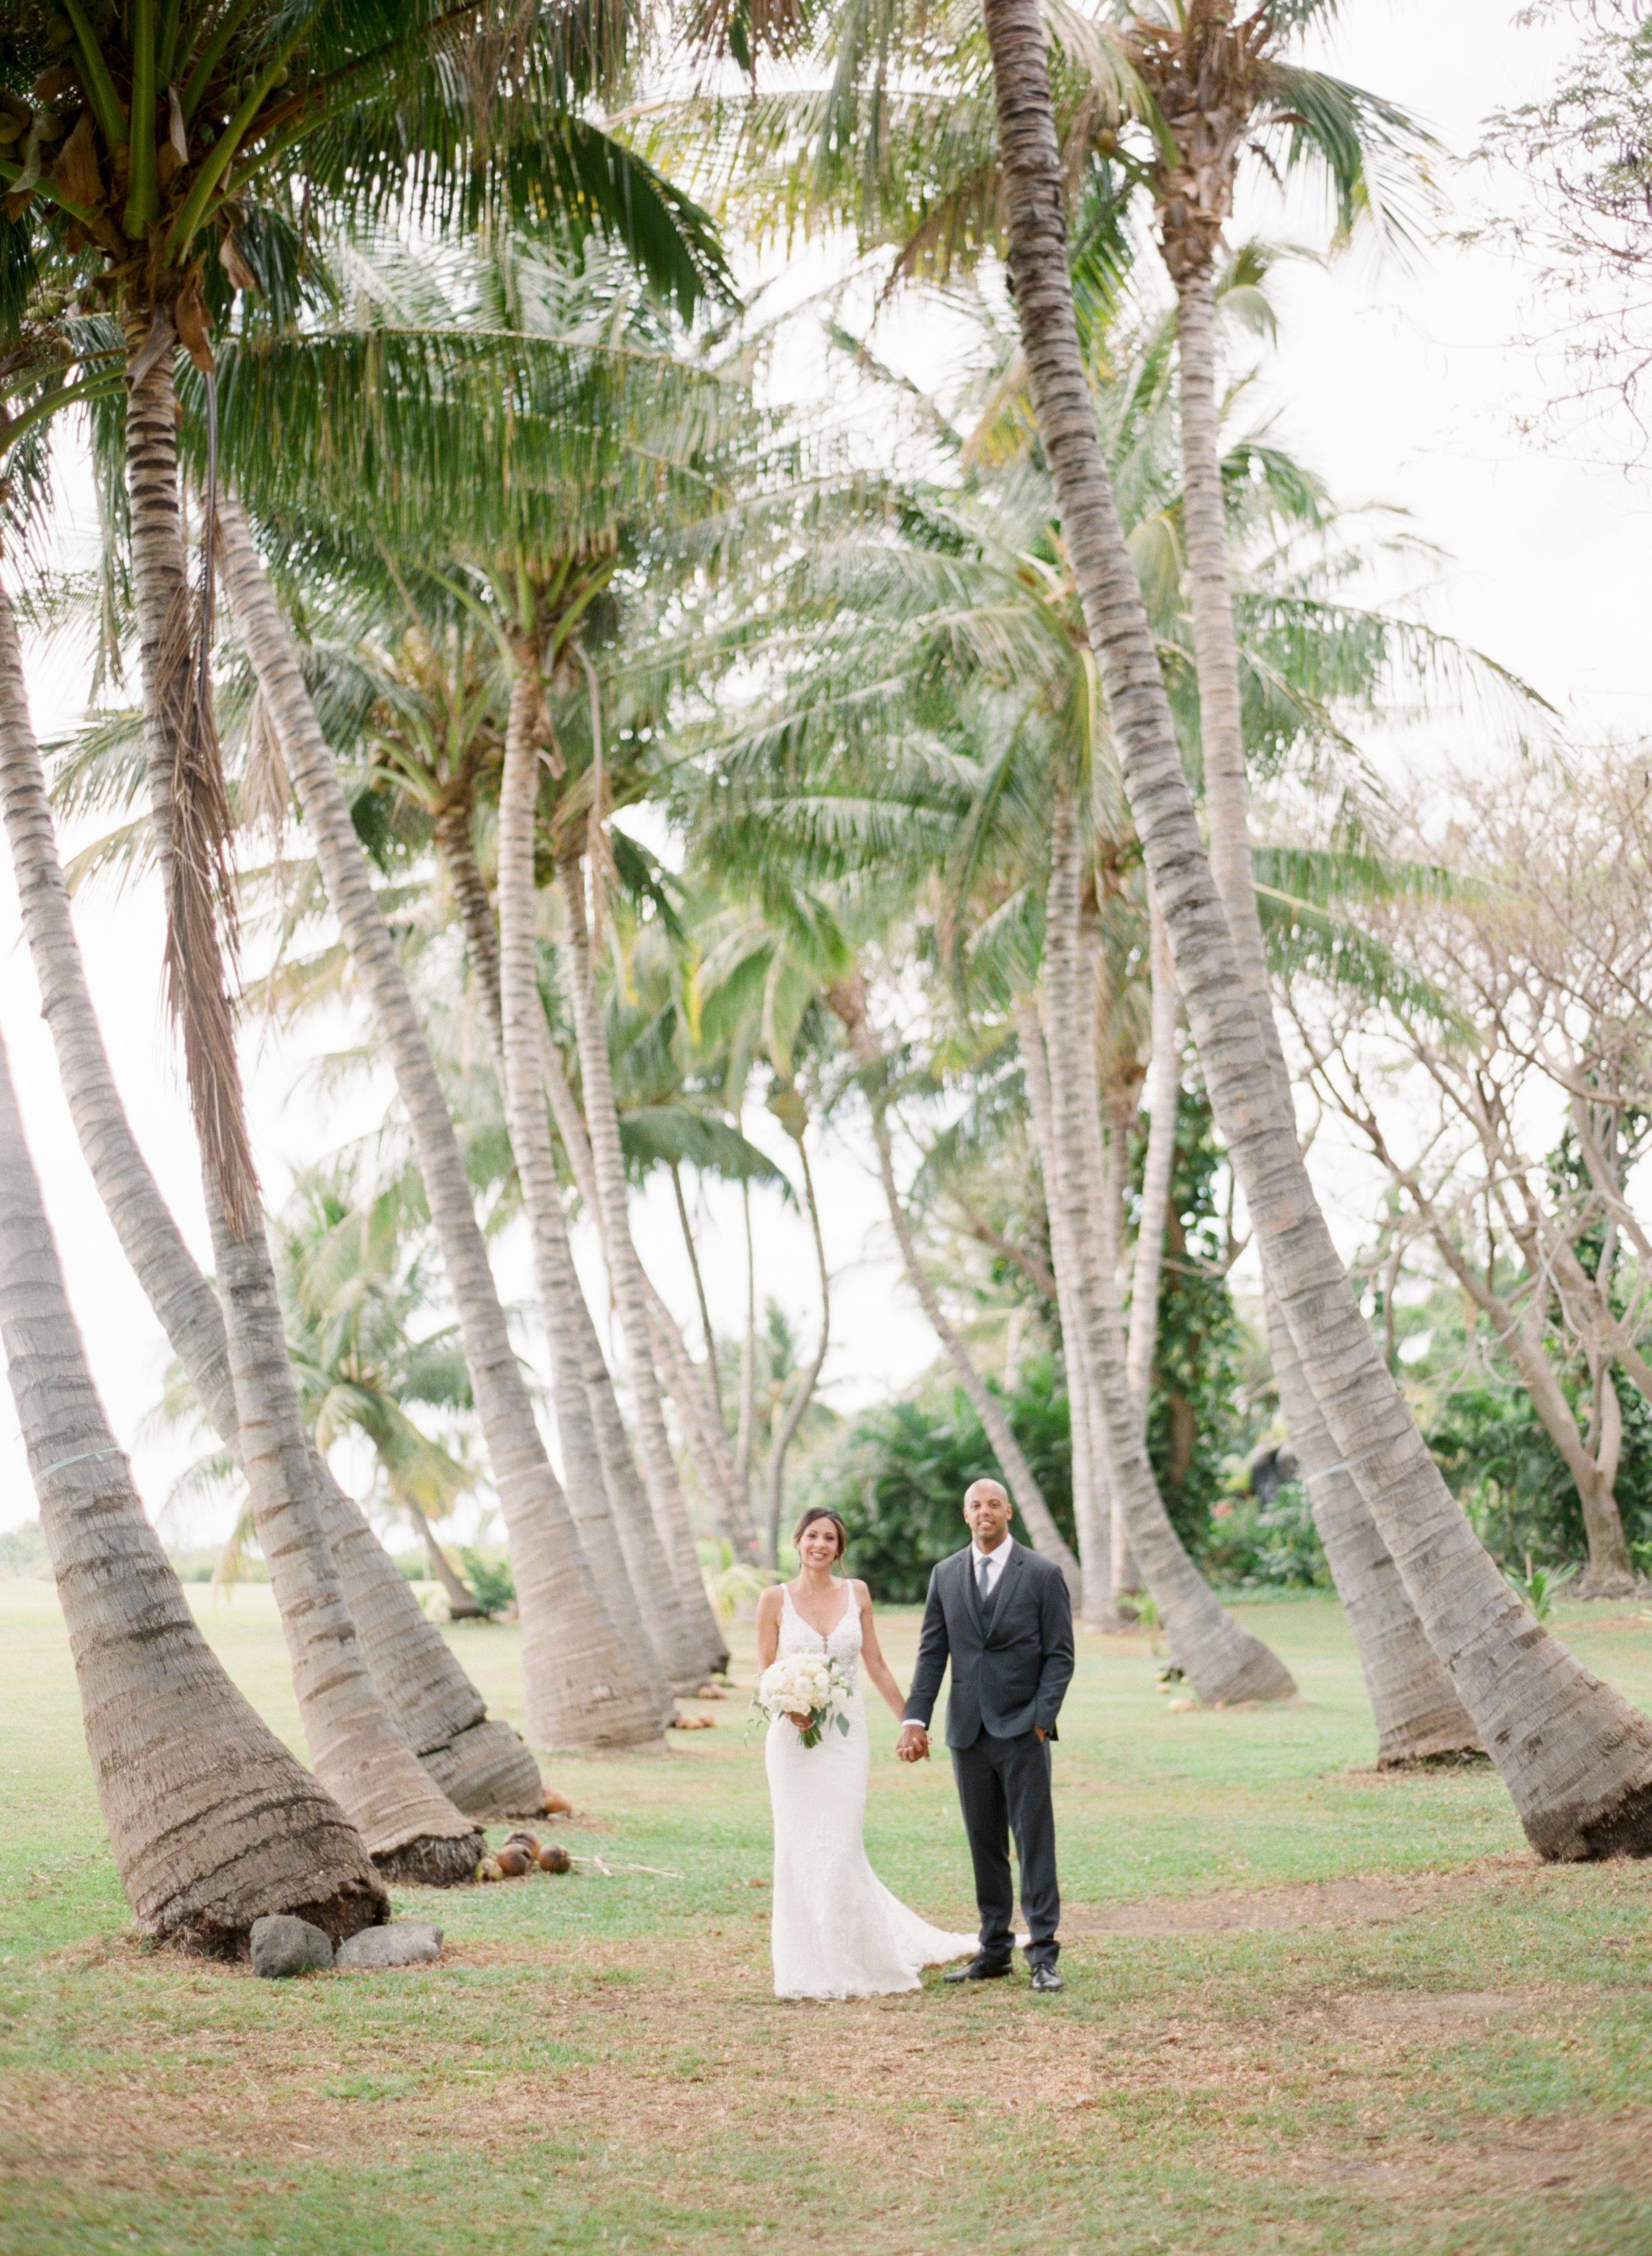 Olowalu-plantation-house-maui-hawaii-wedding-44.jpg